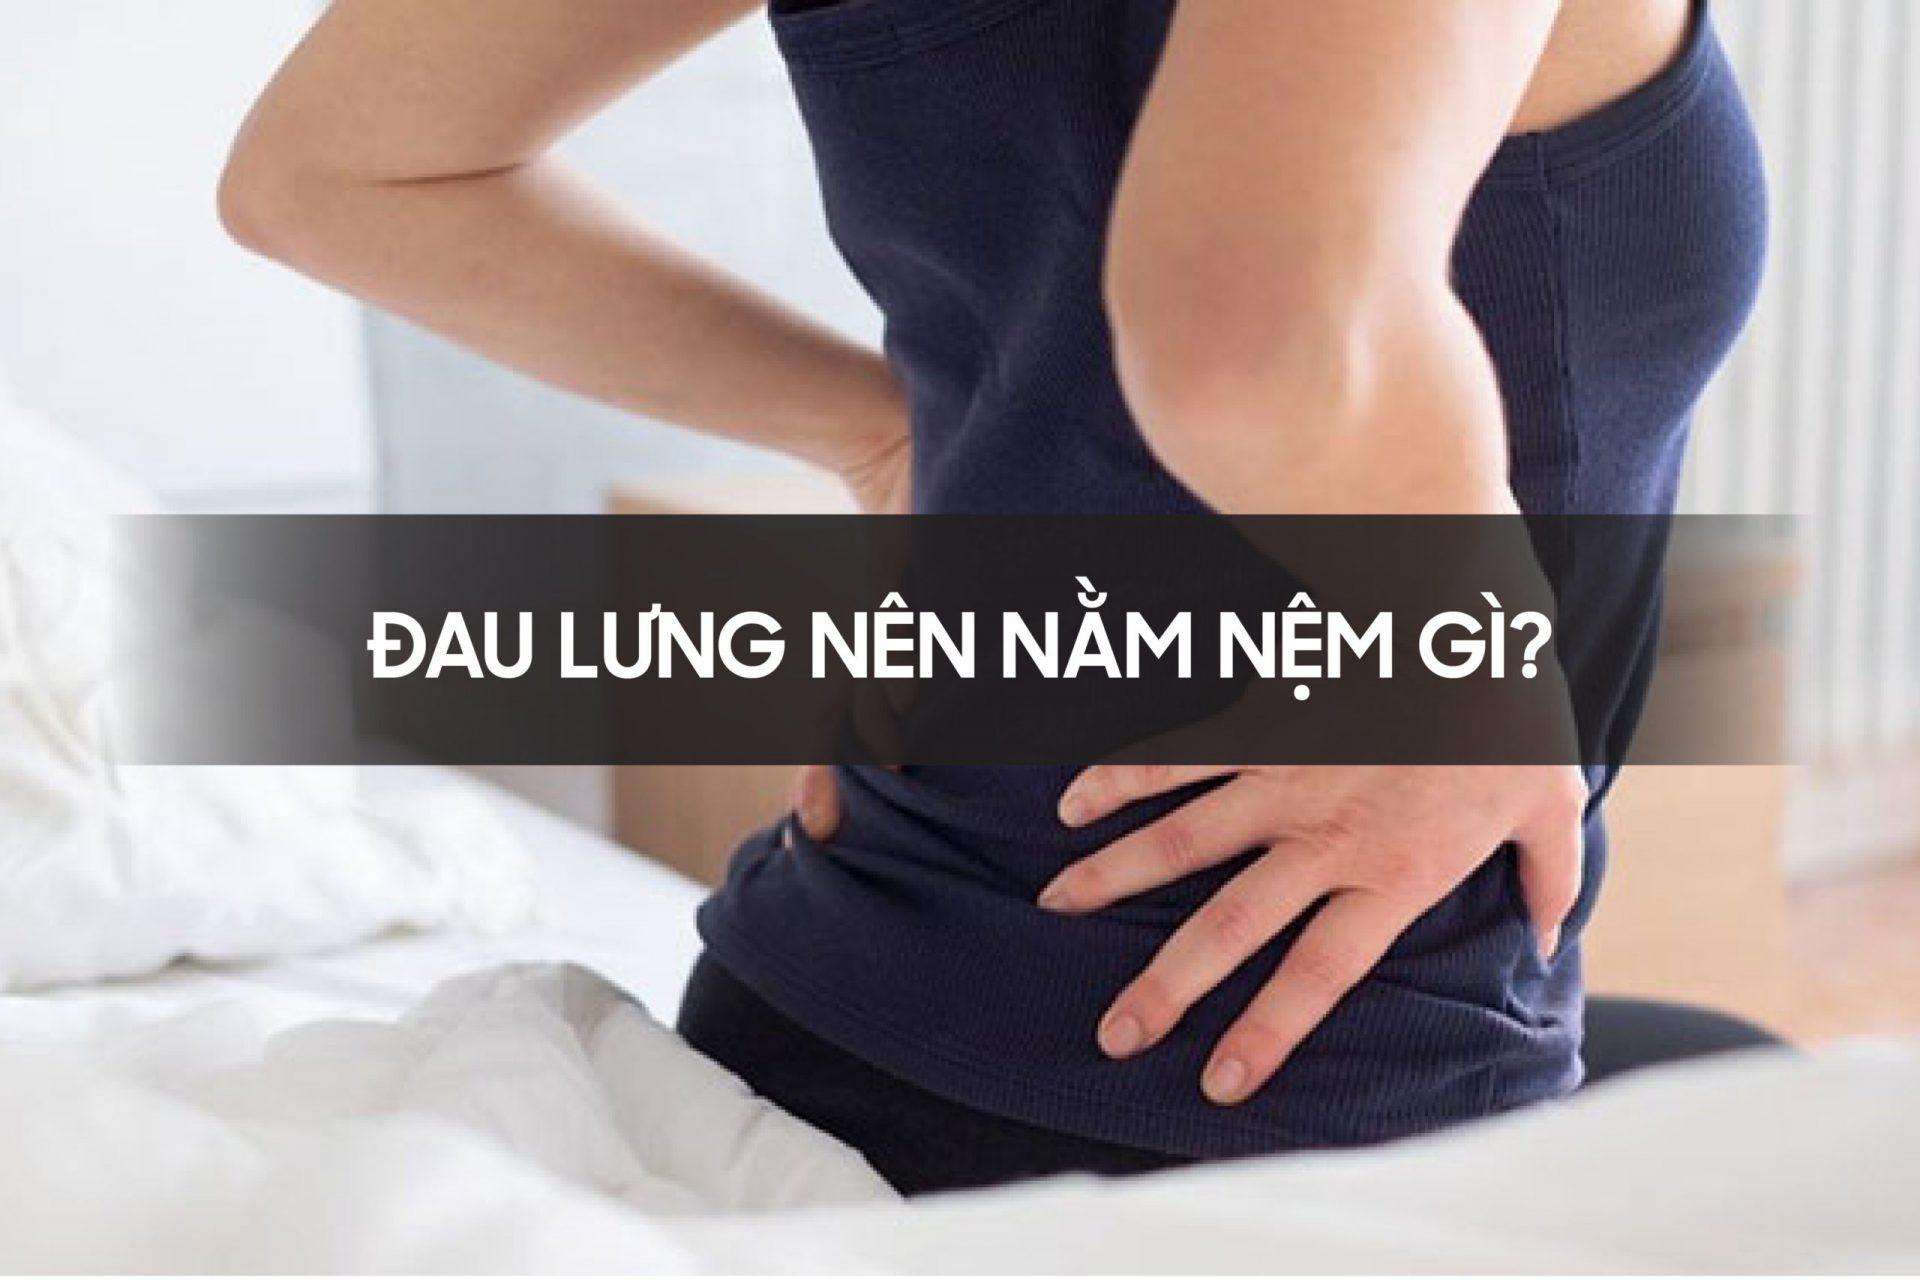 Đau lưng nên nằm nệm gì?